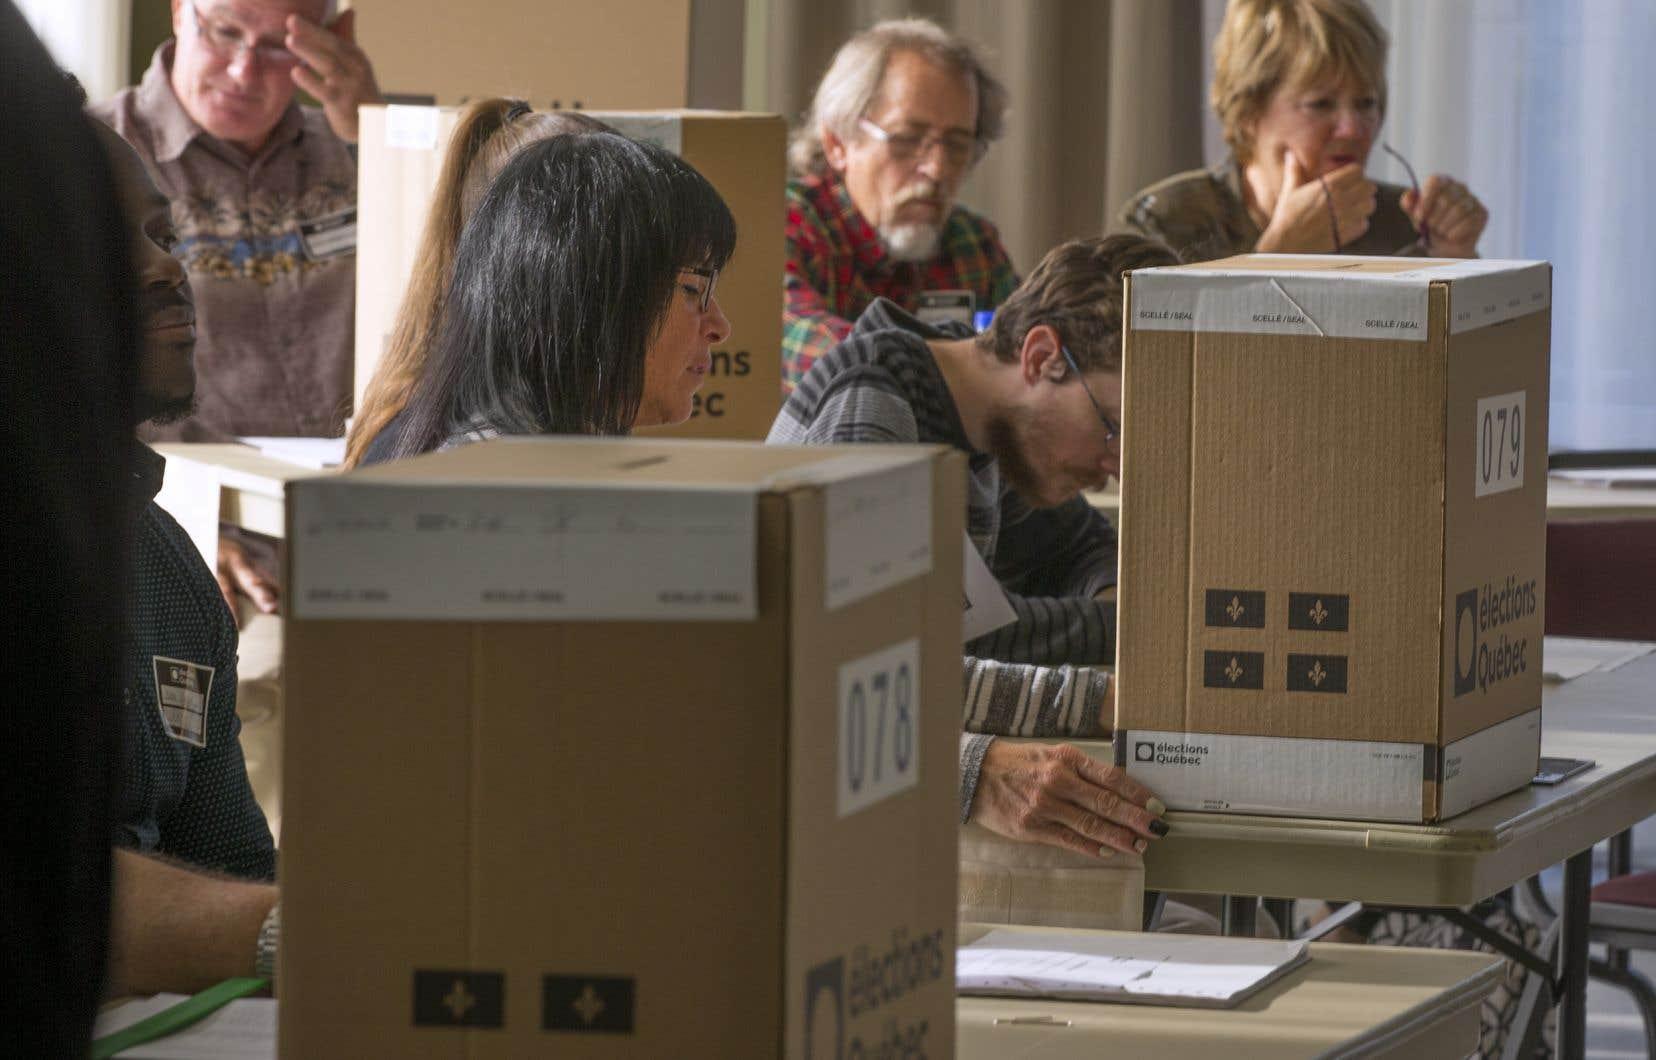 Dans leur rapport sur le sujet, les militants libéraux arguent notamment que le mode de scrutin préférentiel «permet de réduire le besoin de vote stratégique» et «n'augmente pas le risque de l'instabilité politique».